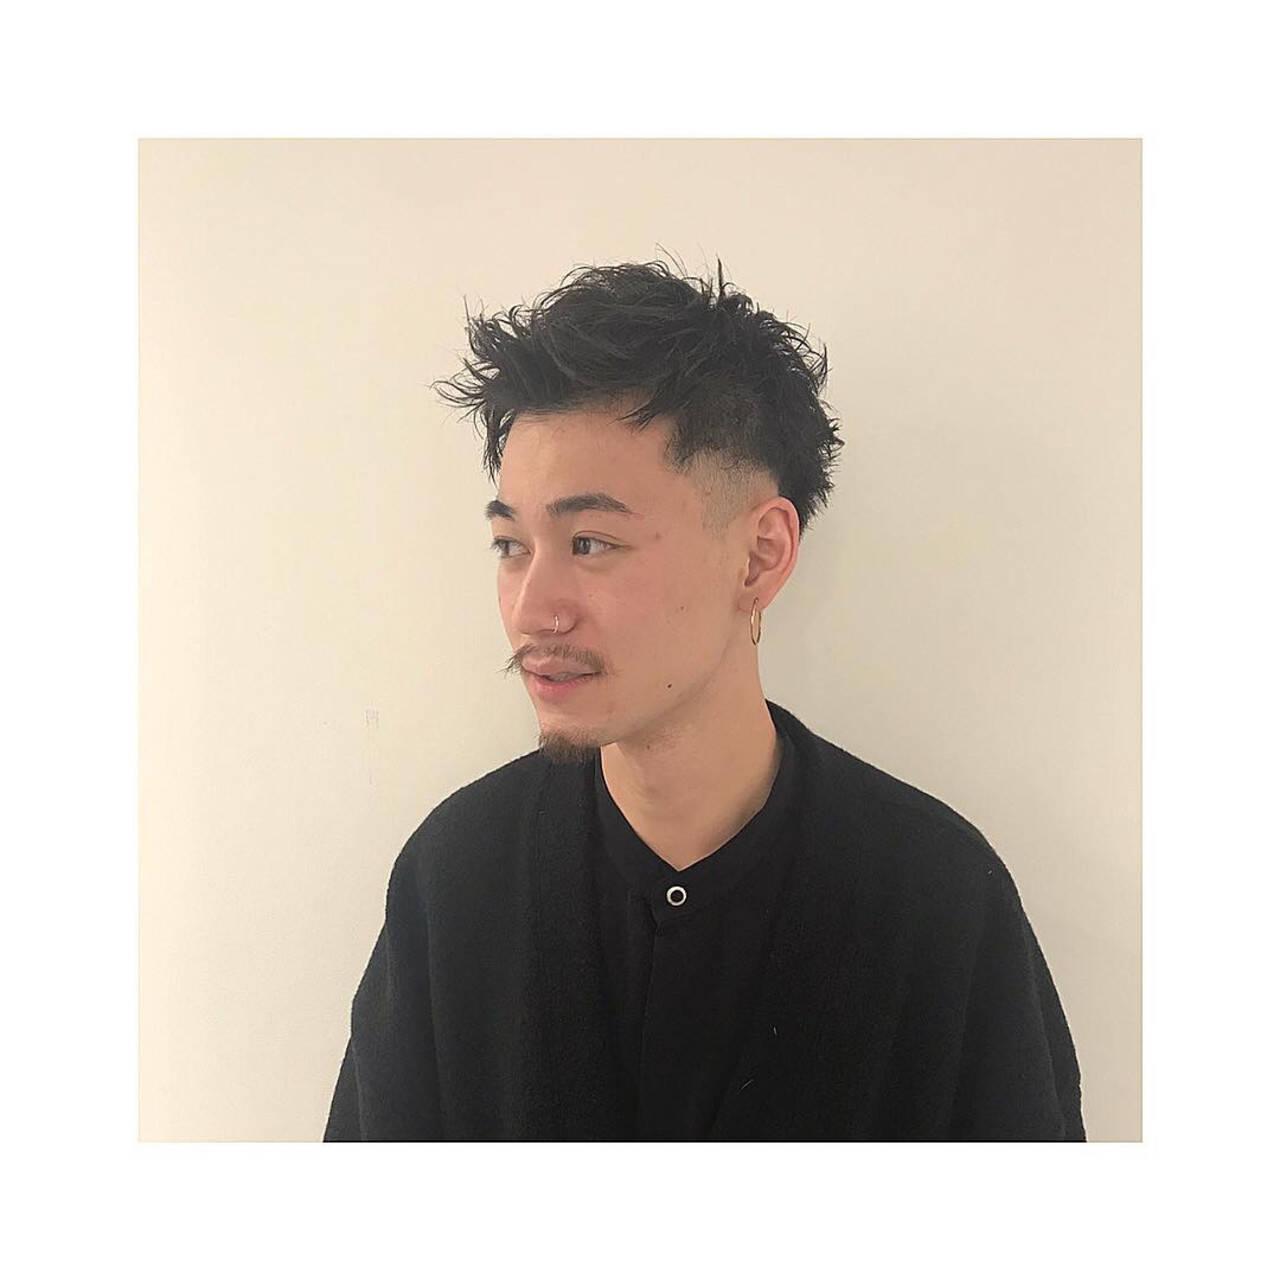 刈り上げ ツーブロック メンズショート スキンフェードヘアスタイルや髪型の写真・画像